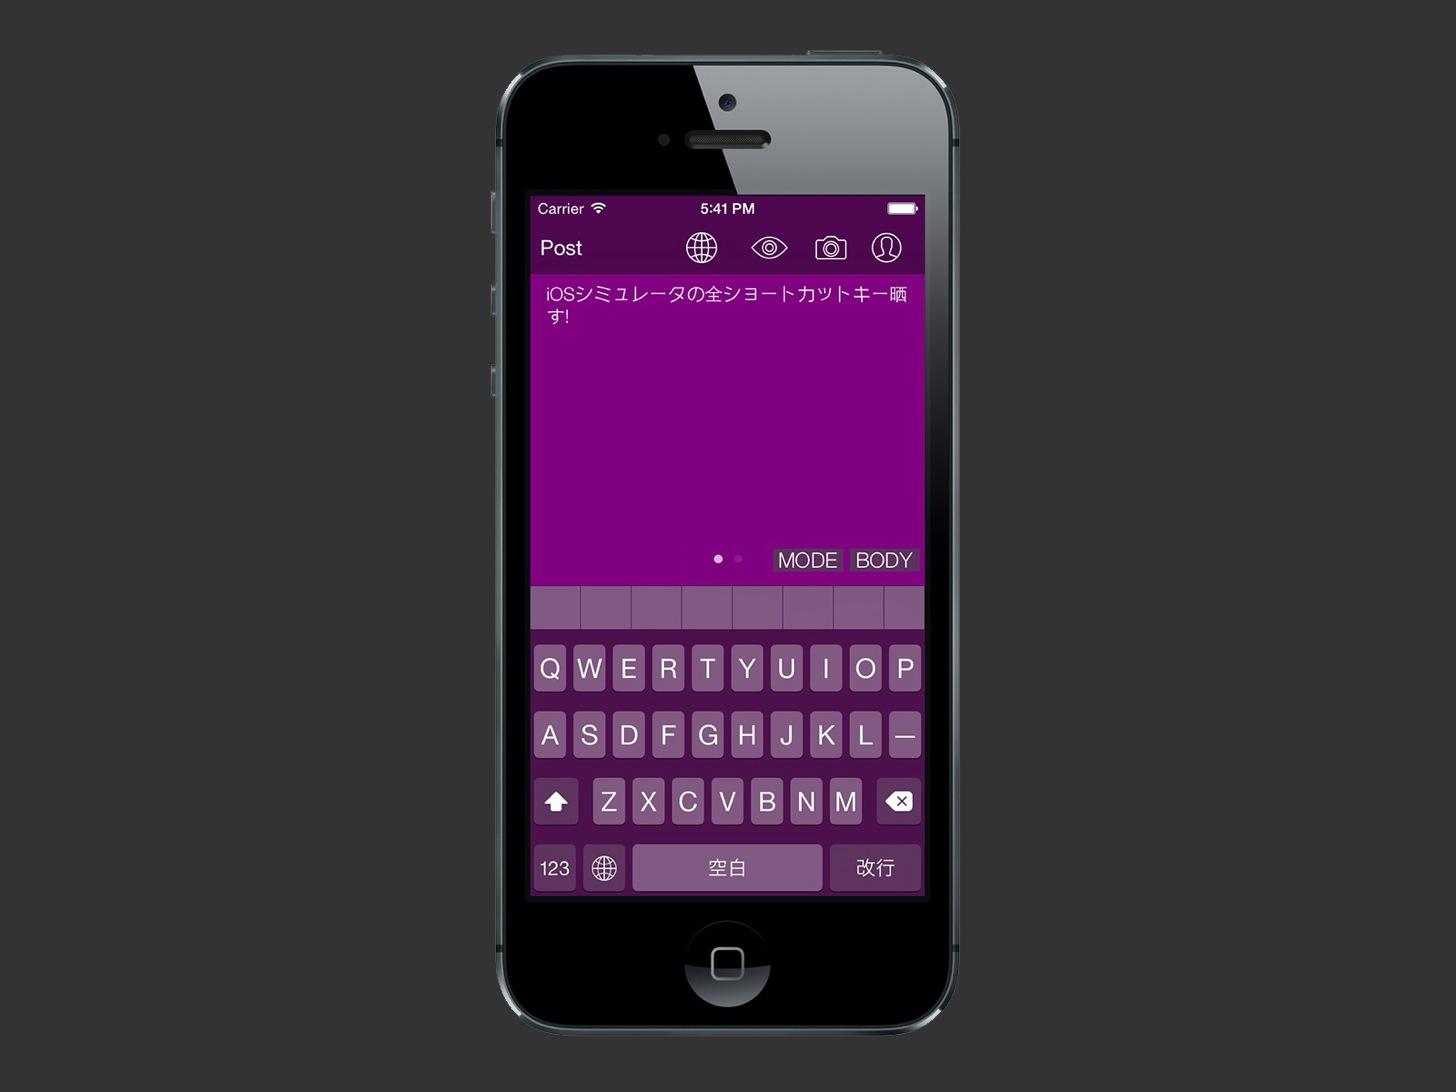 iOSシミュレーターの全ショートカットキー晒す!